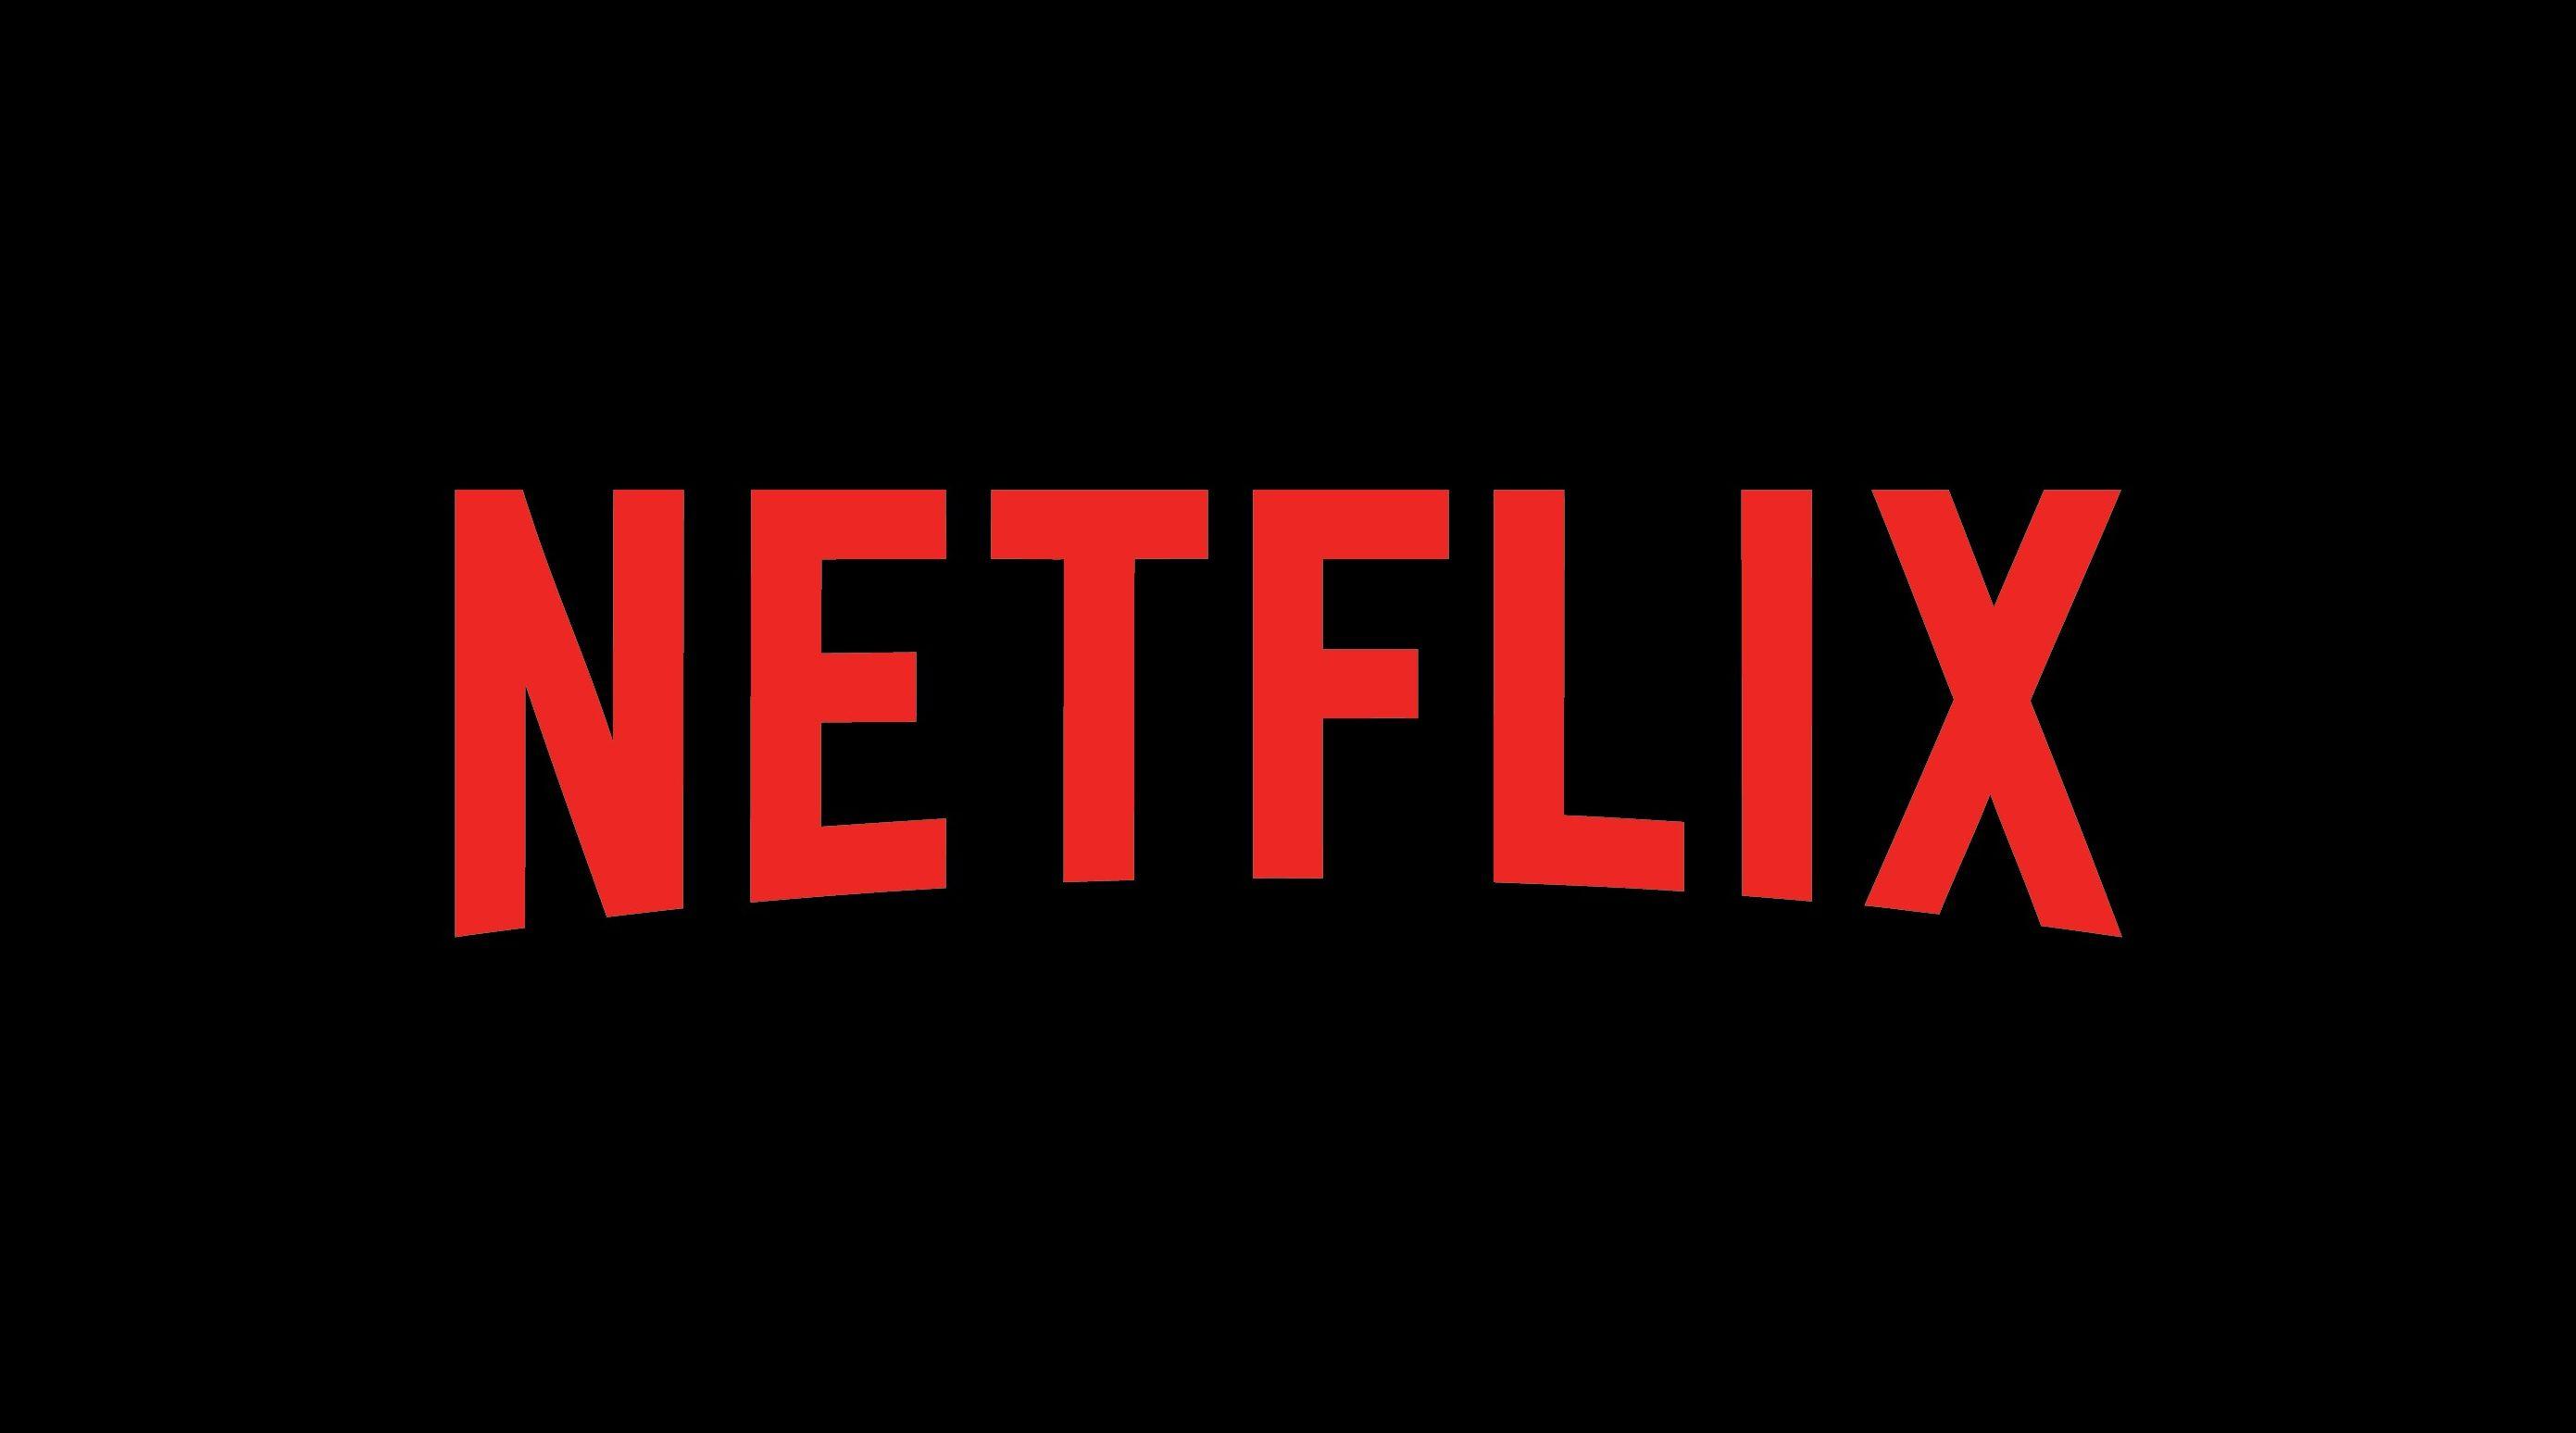 Netflix Logo Black